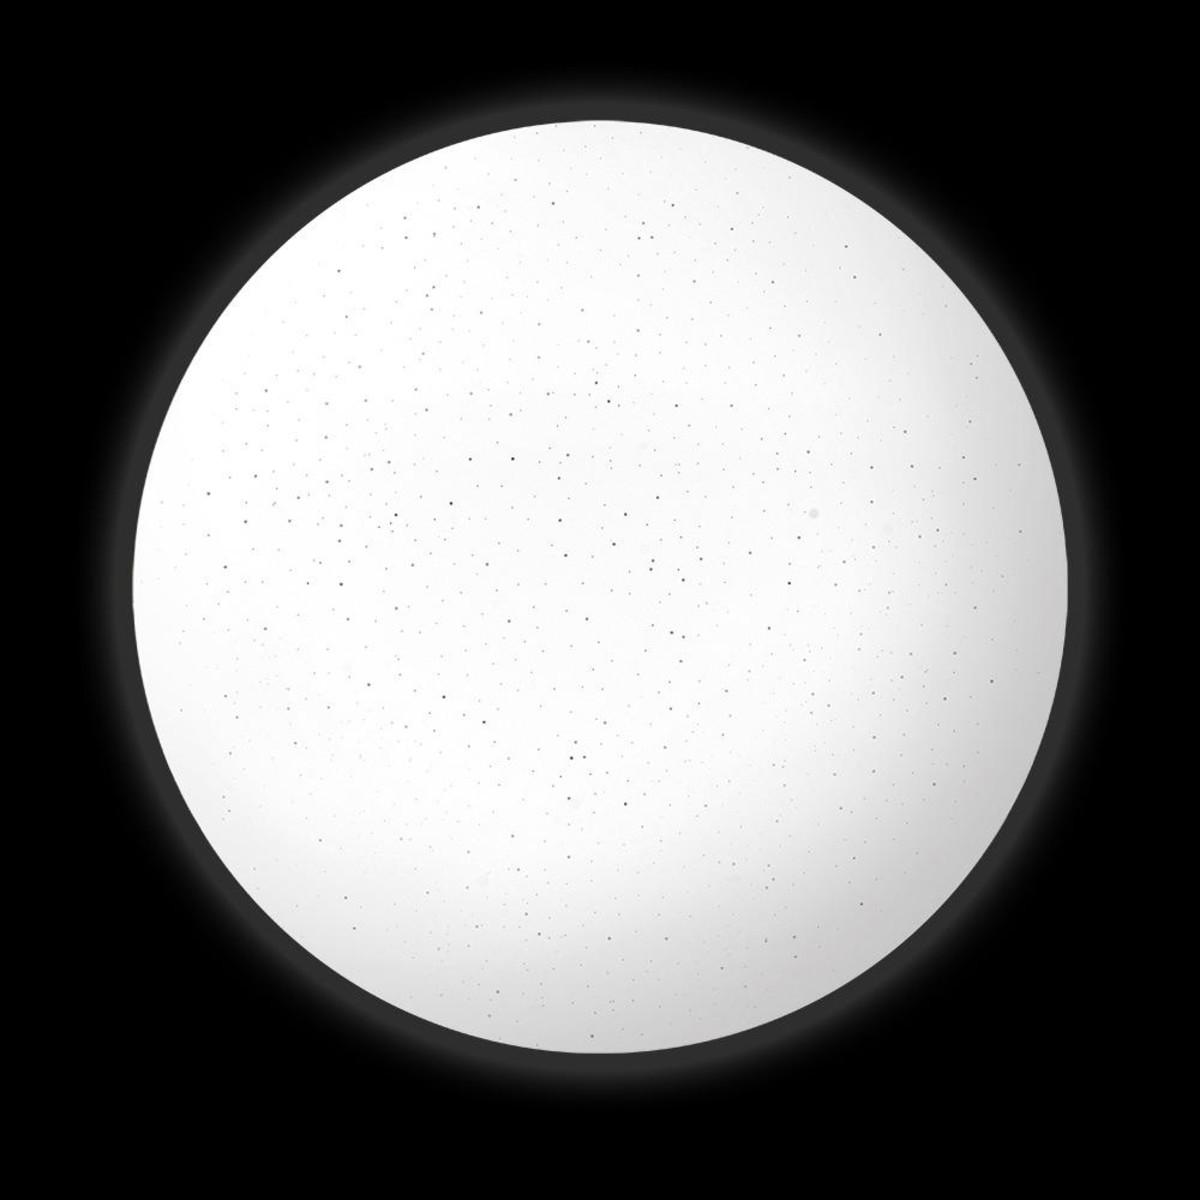 Светильник настенно-потолочный светодиодный Jazzway PPB 5025516 цвет белый